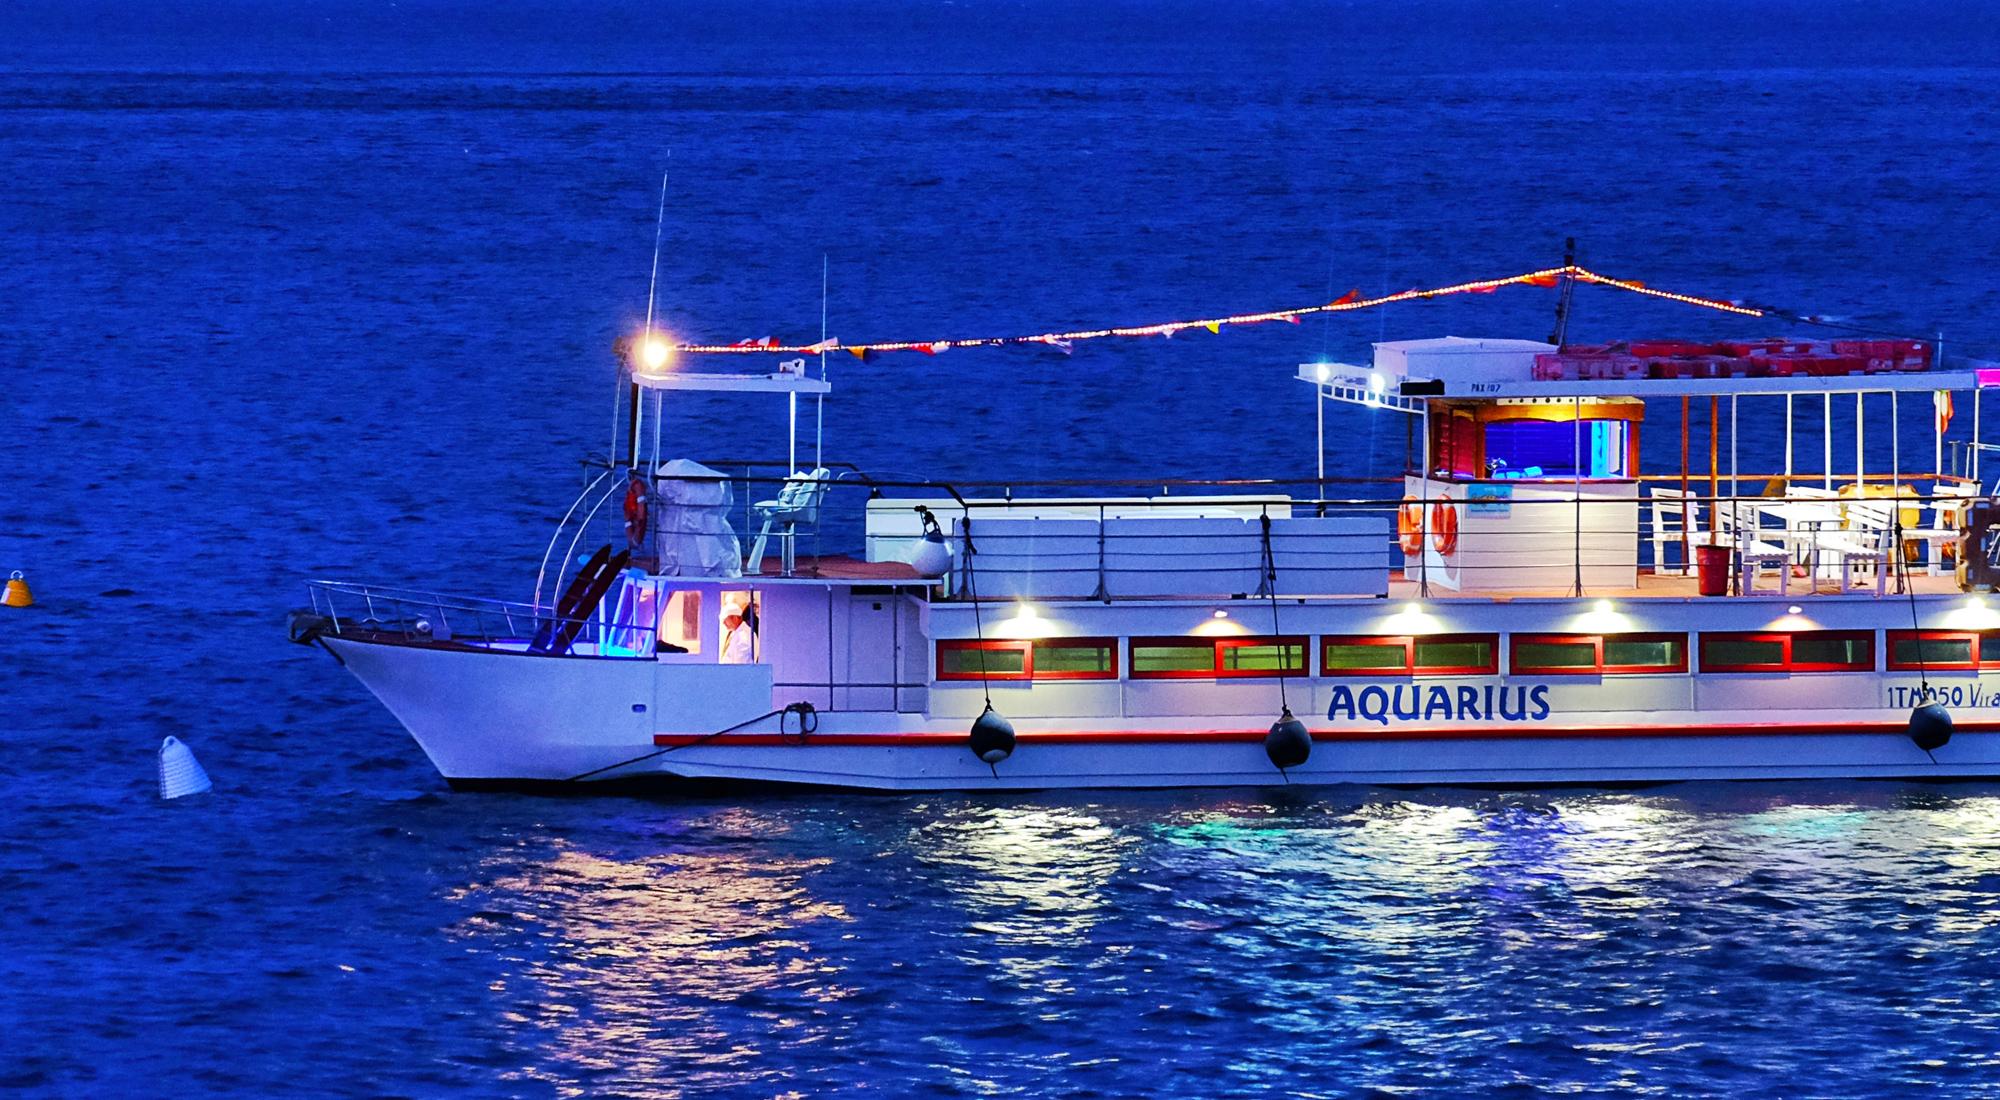 Aquarius-05